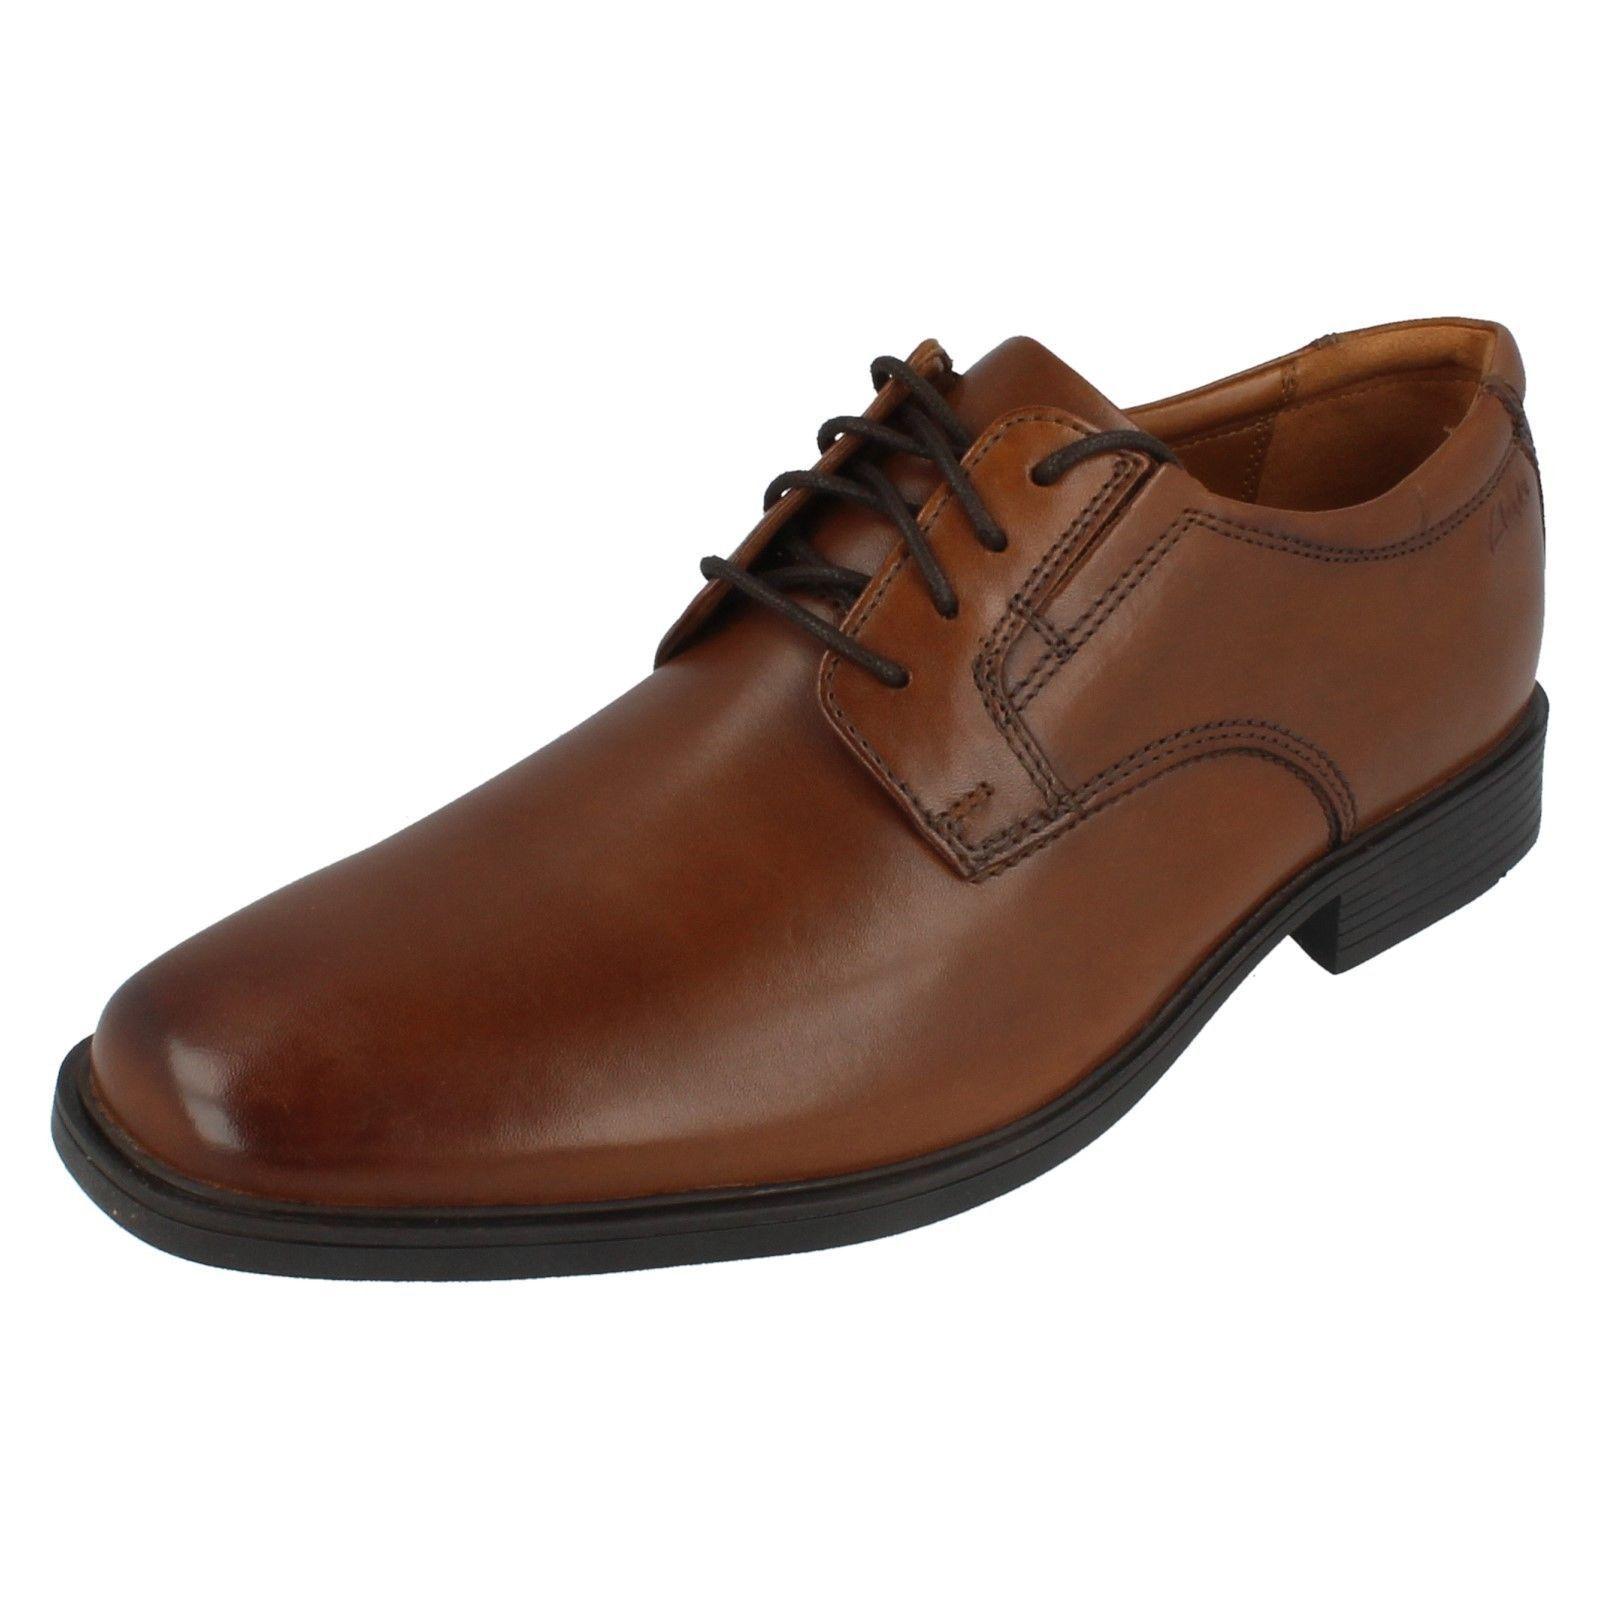 Clarks Tilden liso hombre oscuro zapatos piel color canela Ajuste G GB TALLA 7